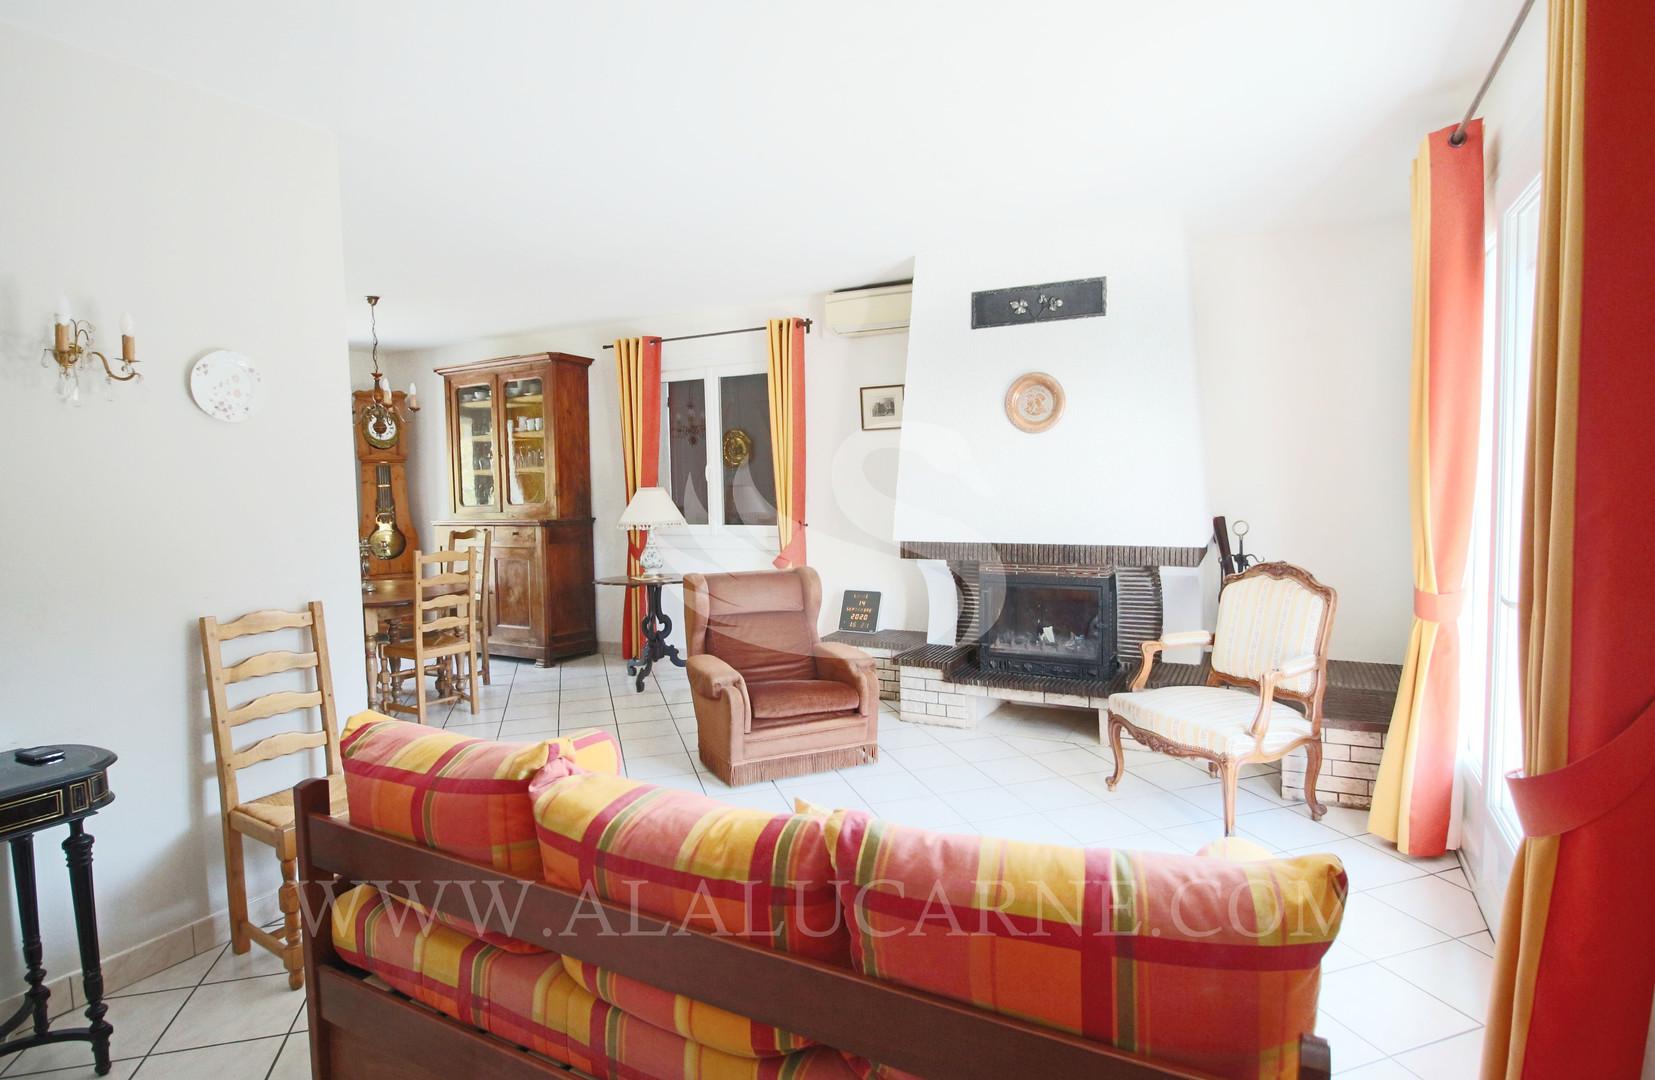 A_vendre_maison_de_100_m²_avec_1514_m²